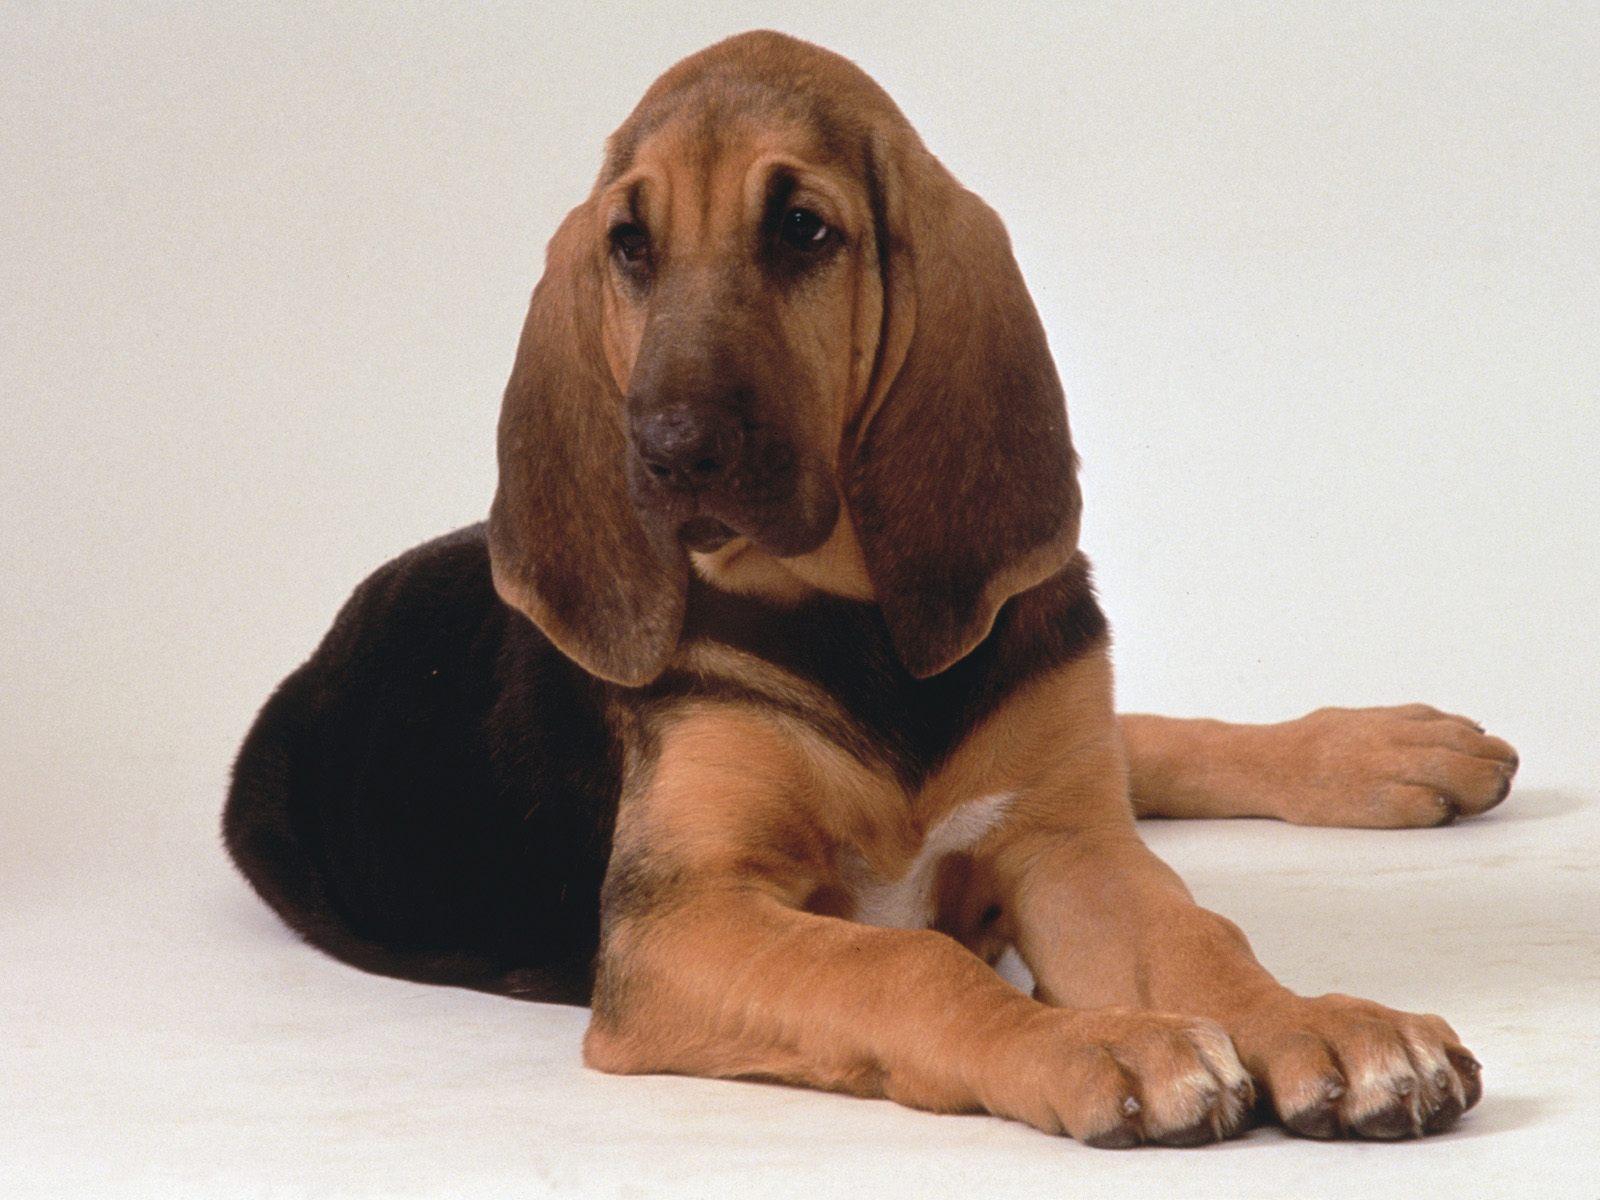 Best 51 Hound Background on HipWallpaper Hellhound Wallpaper 1600x1200